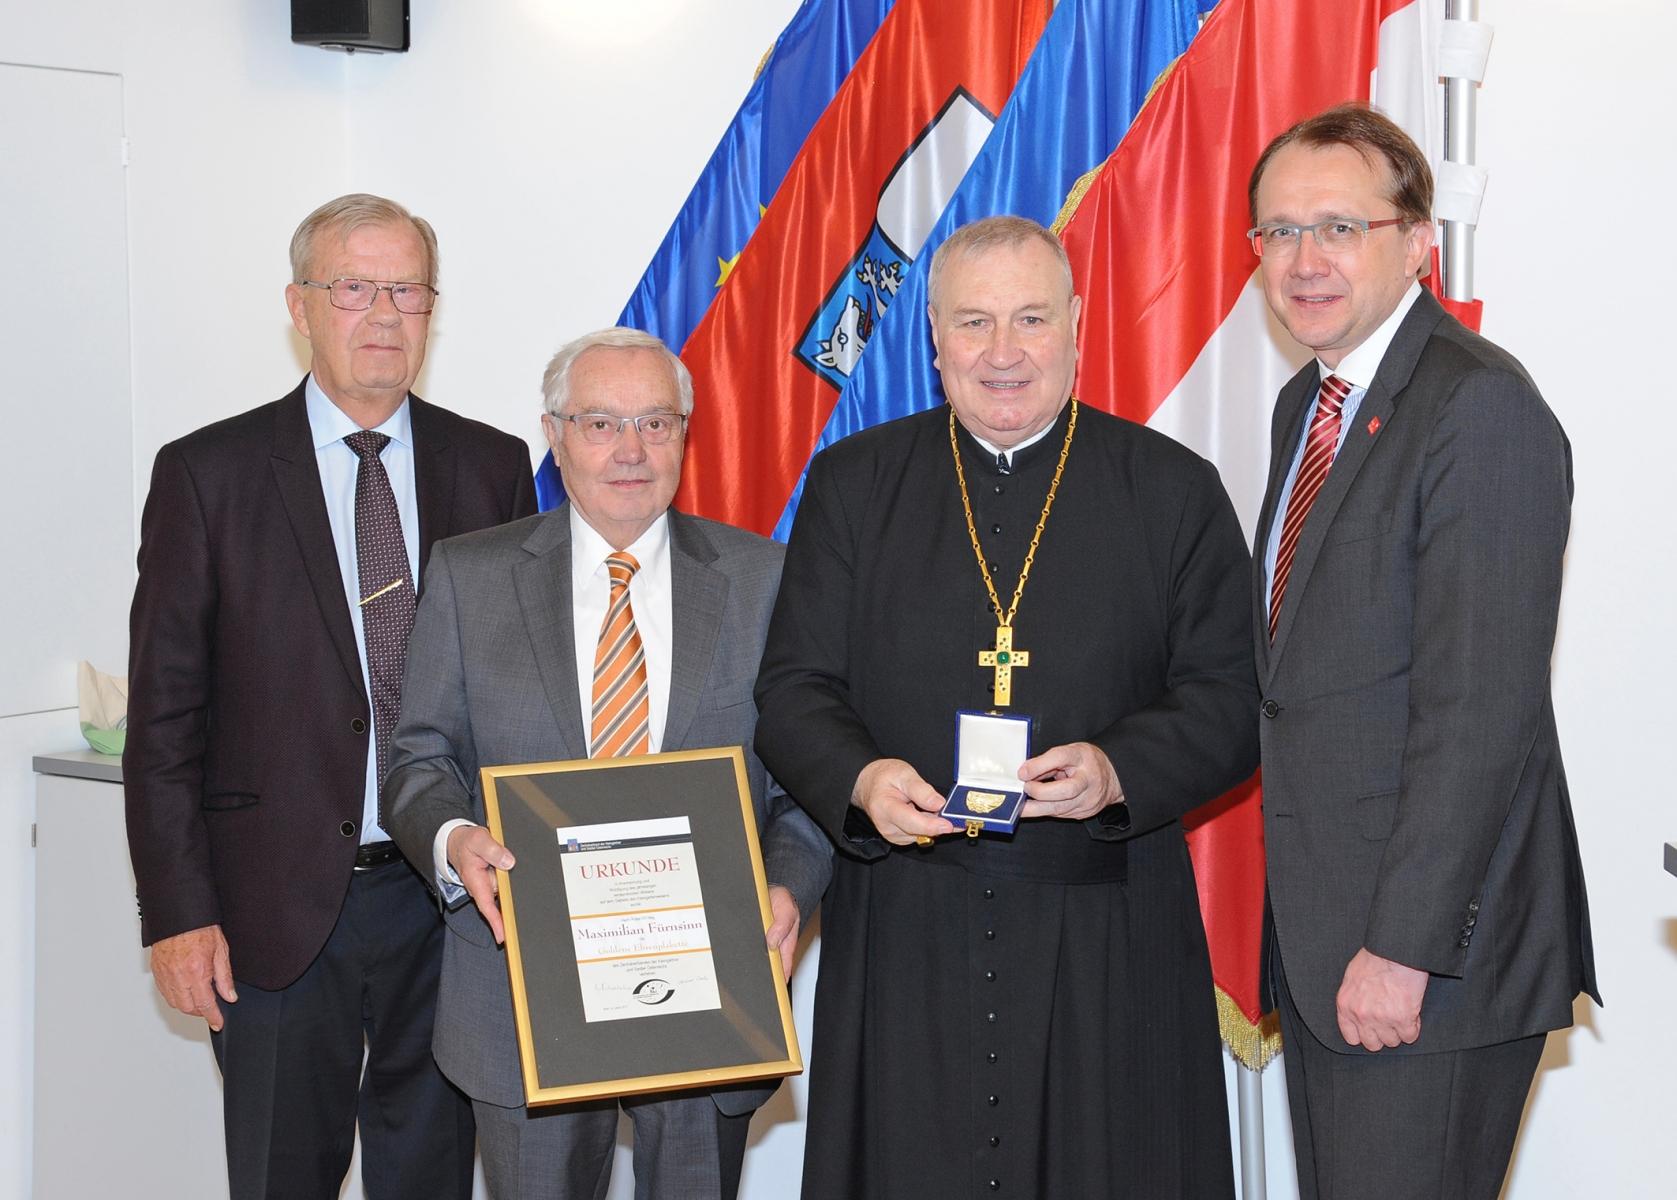 Kleingaertner-Landesversammlung-Ehrung-Probst-Fuernsinn